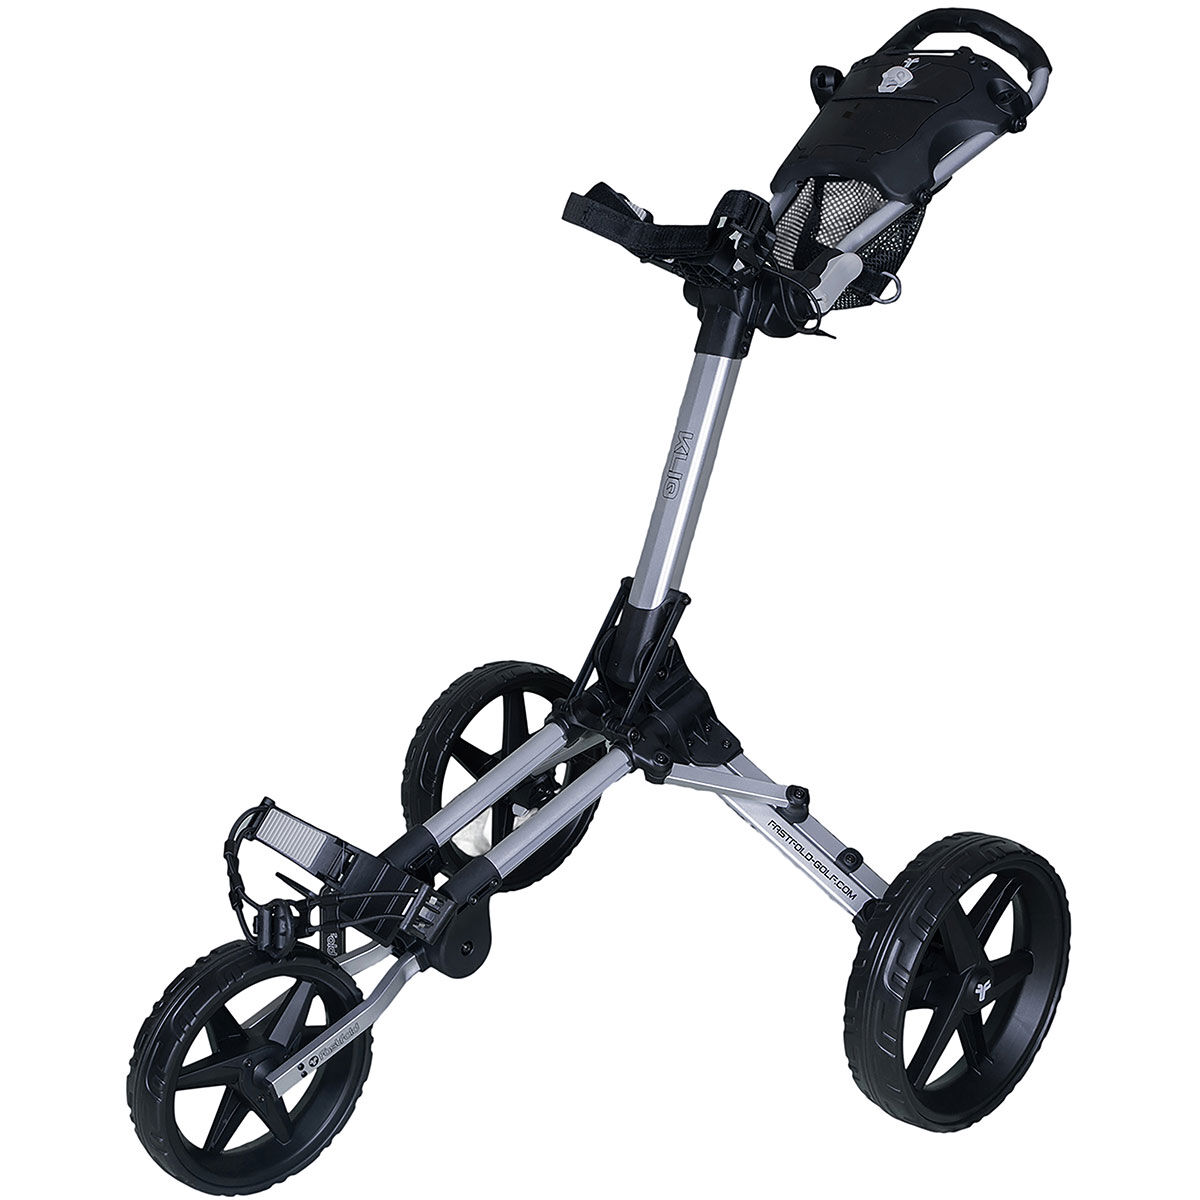 Fast Fold Silver and Black Lightweight Kliq 3 Wheel Push Golf Trolley, Size: One Size | American Golf | American Golf